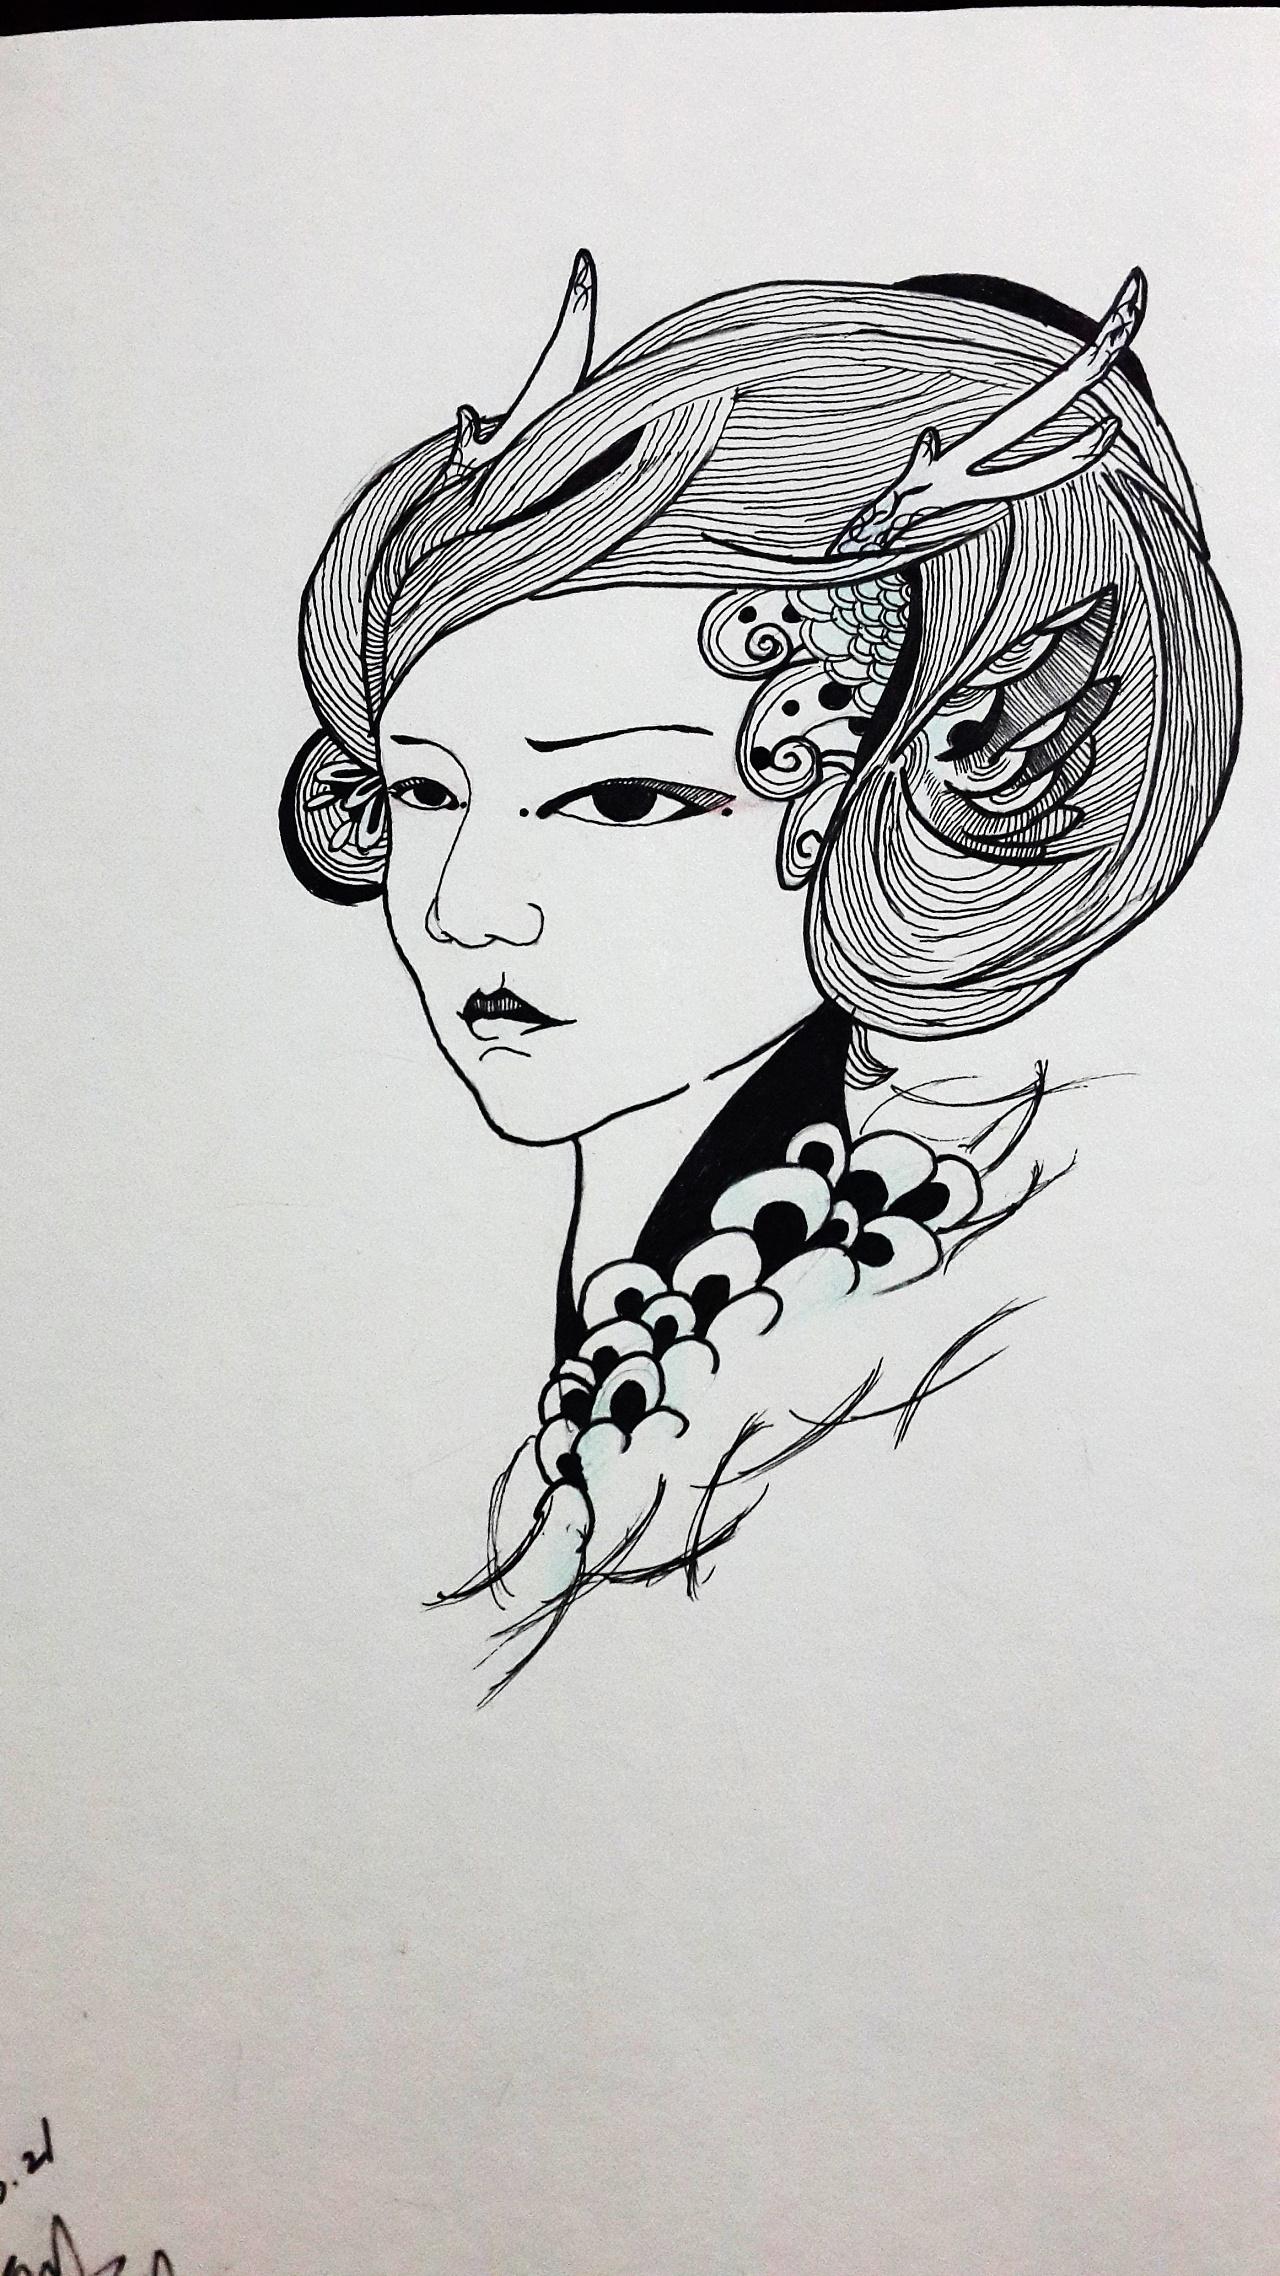 手绘黑白装饰画